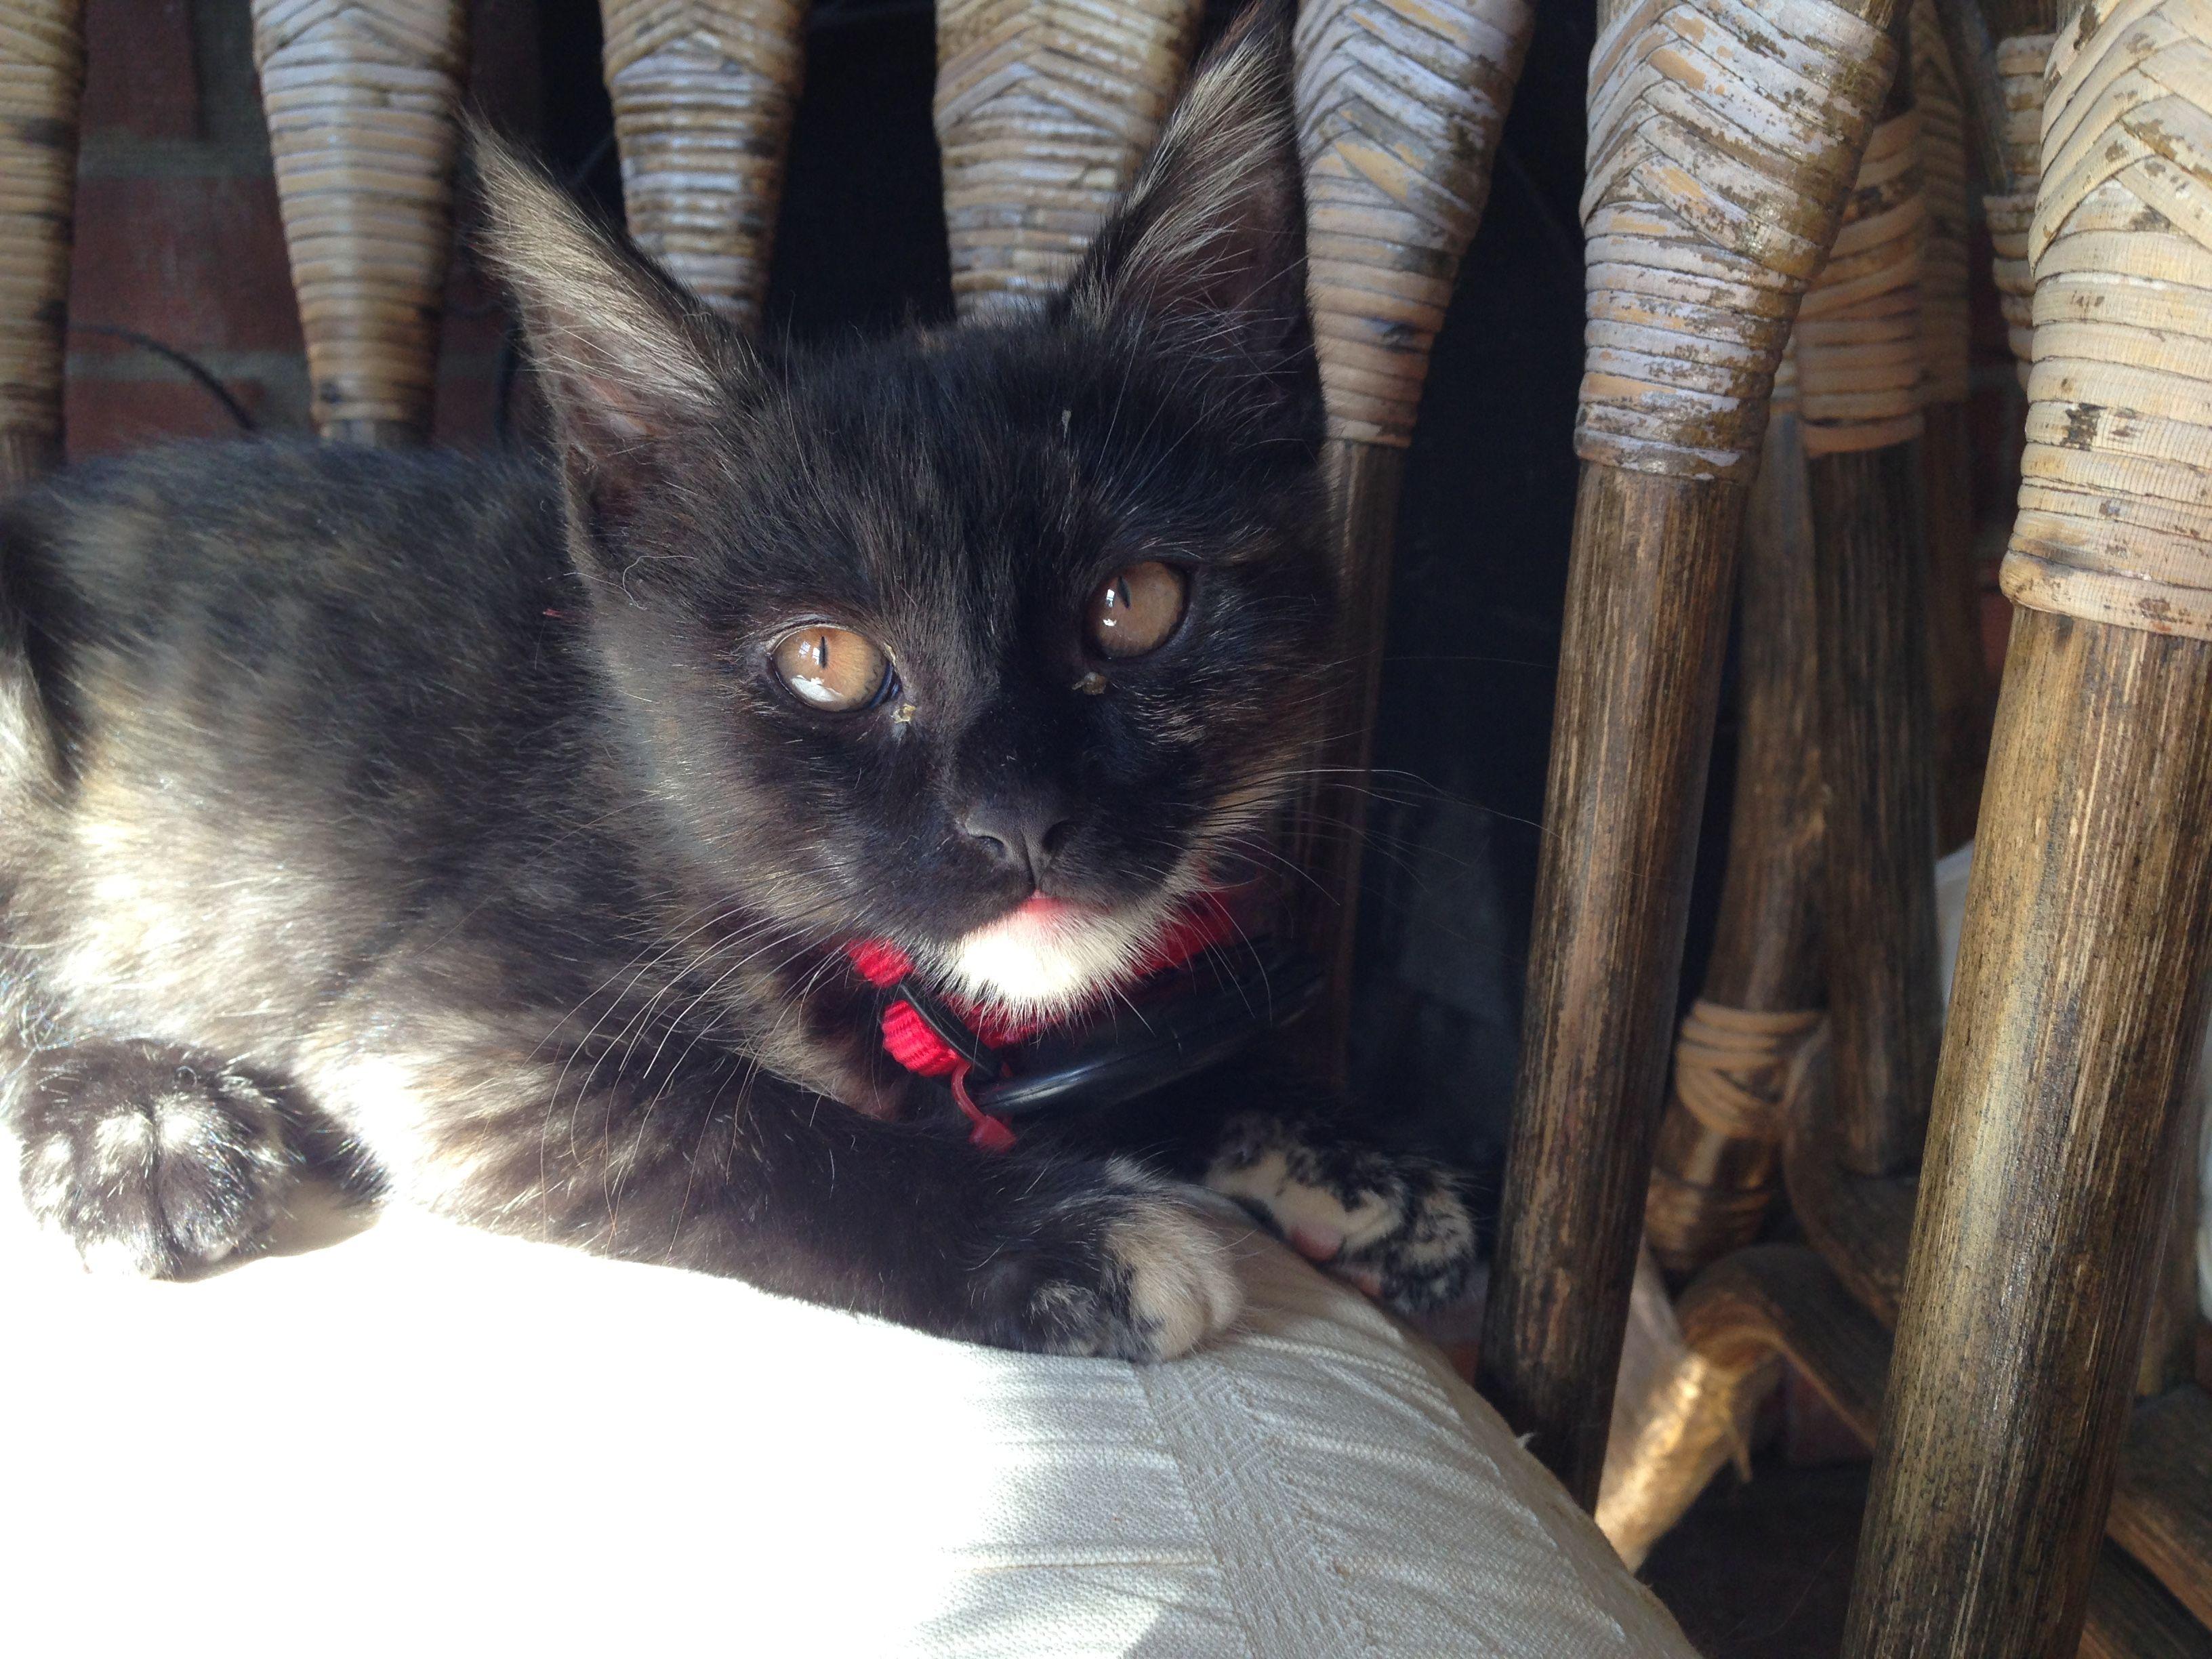 Mia #kitten #cat